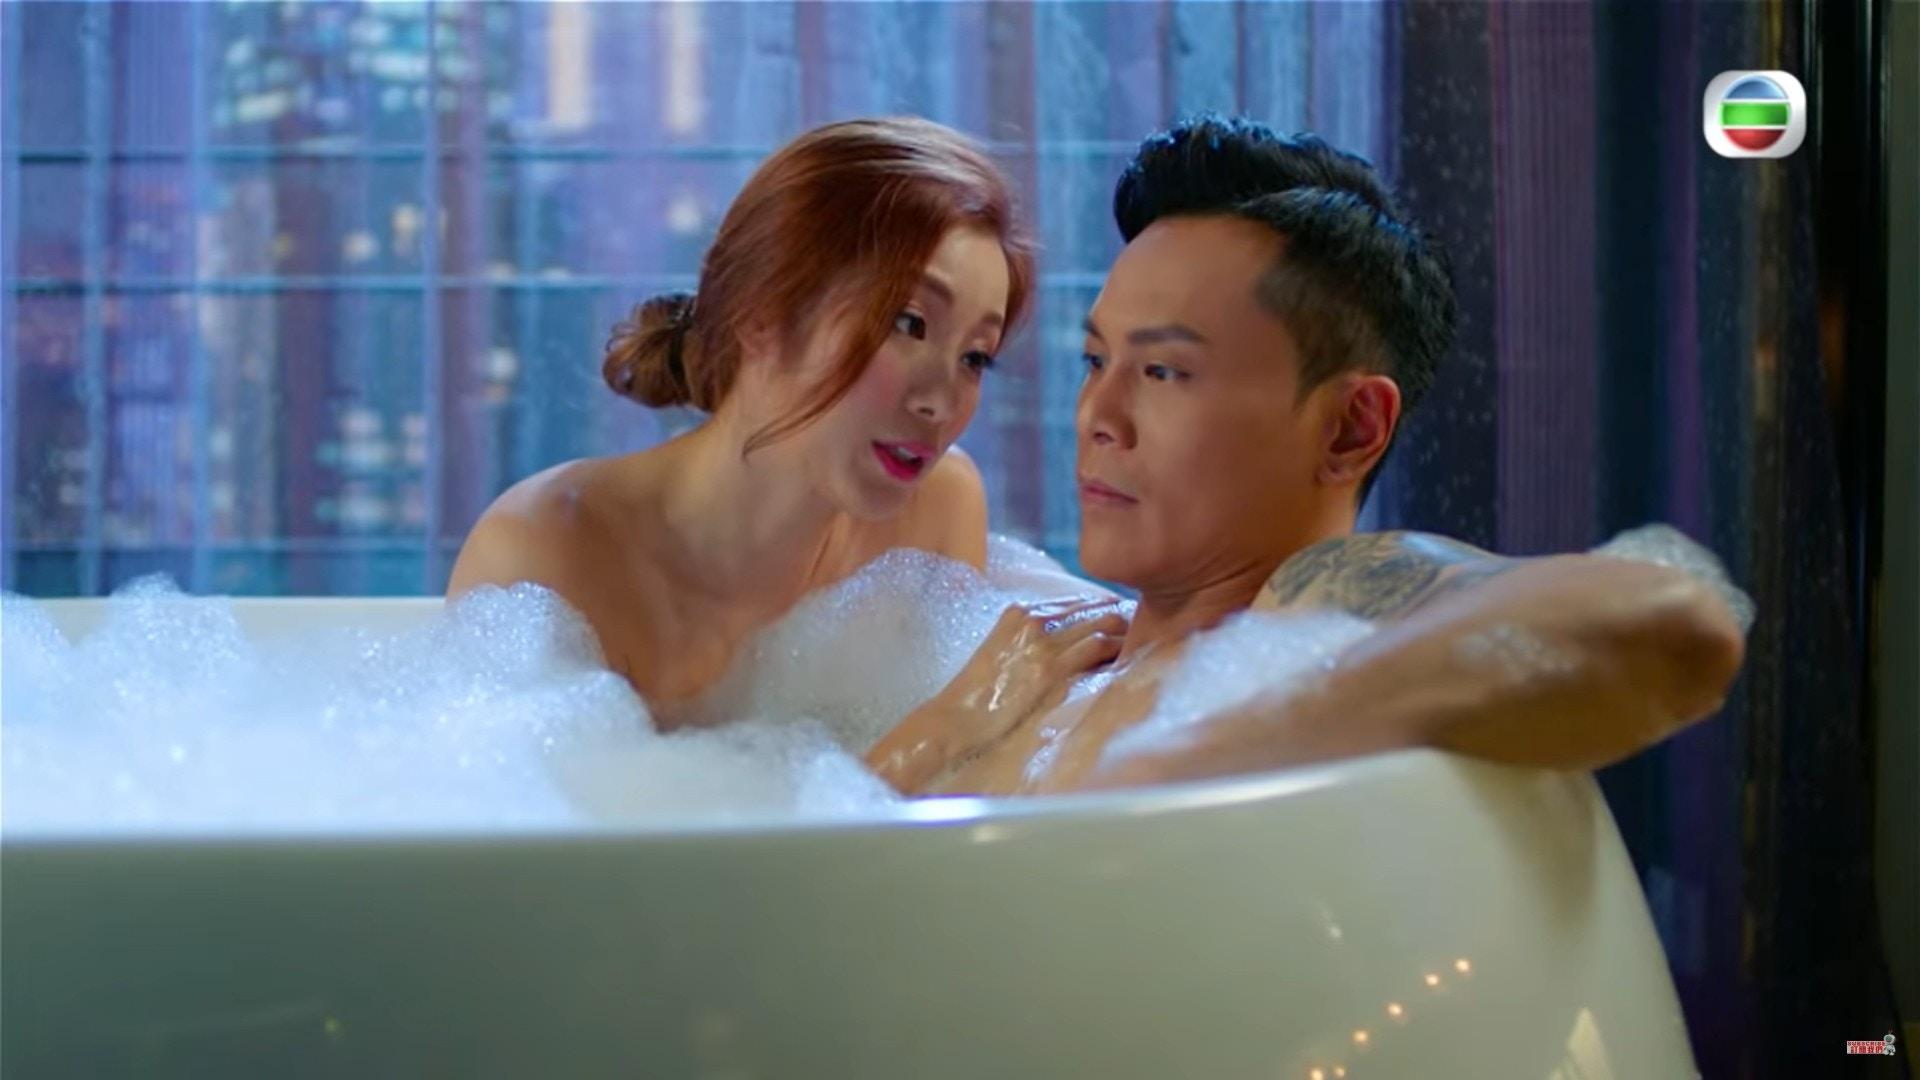 露背Sexy 《解決師》中楊柳青最爆肯定係這場大露背超Sexy出浴戲。